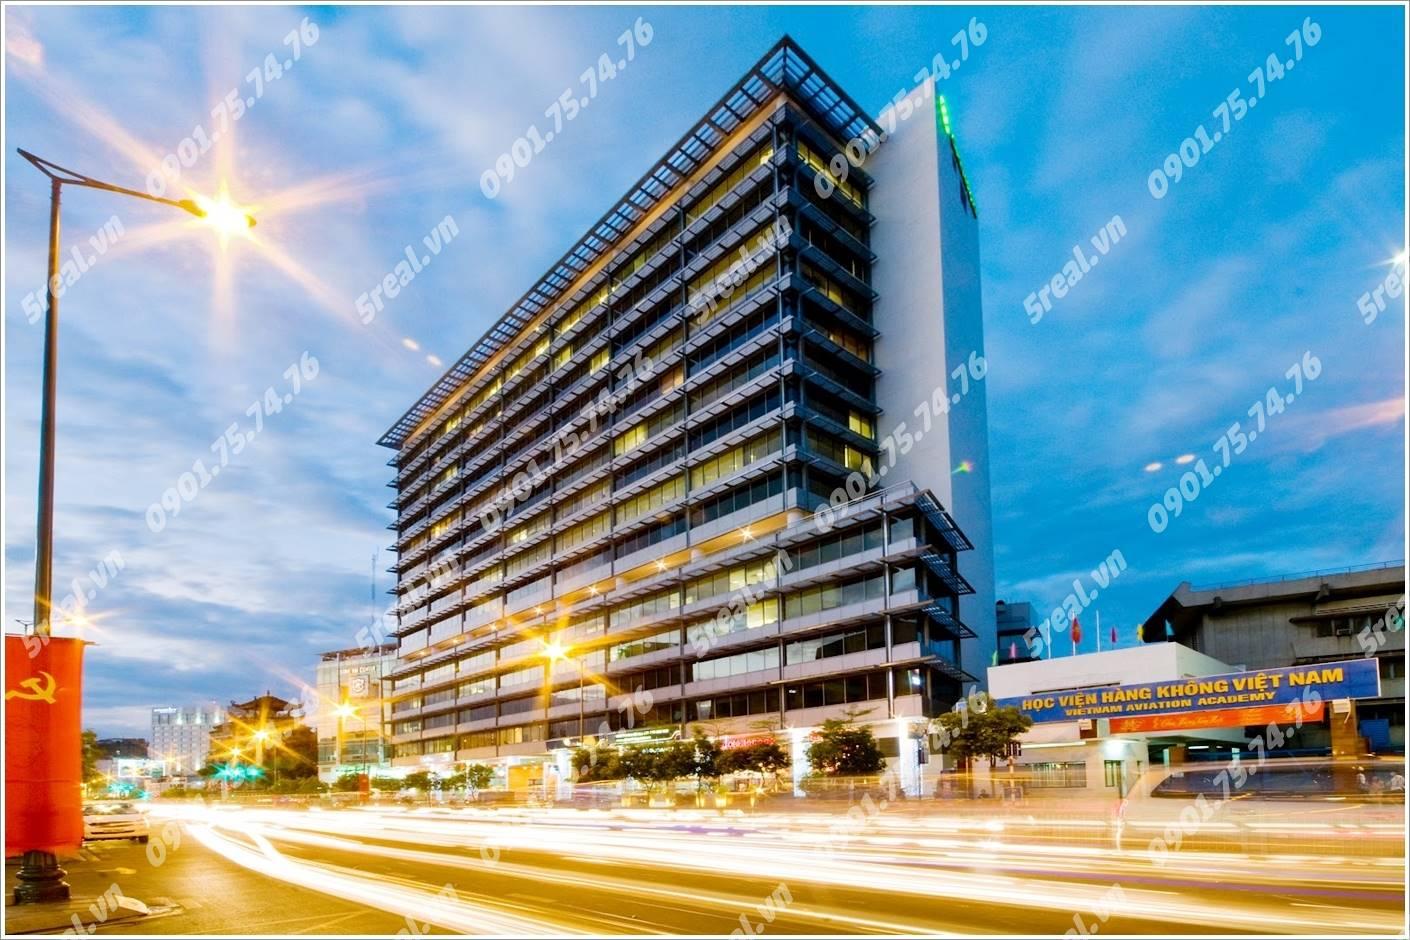 centre-point-nguyen-van-troi-quan-phu-nhuan-van-phong-cho-thue-tphcm-5real.vn-01